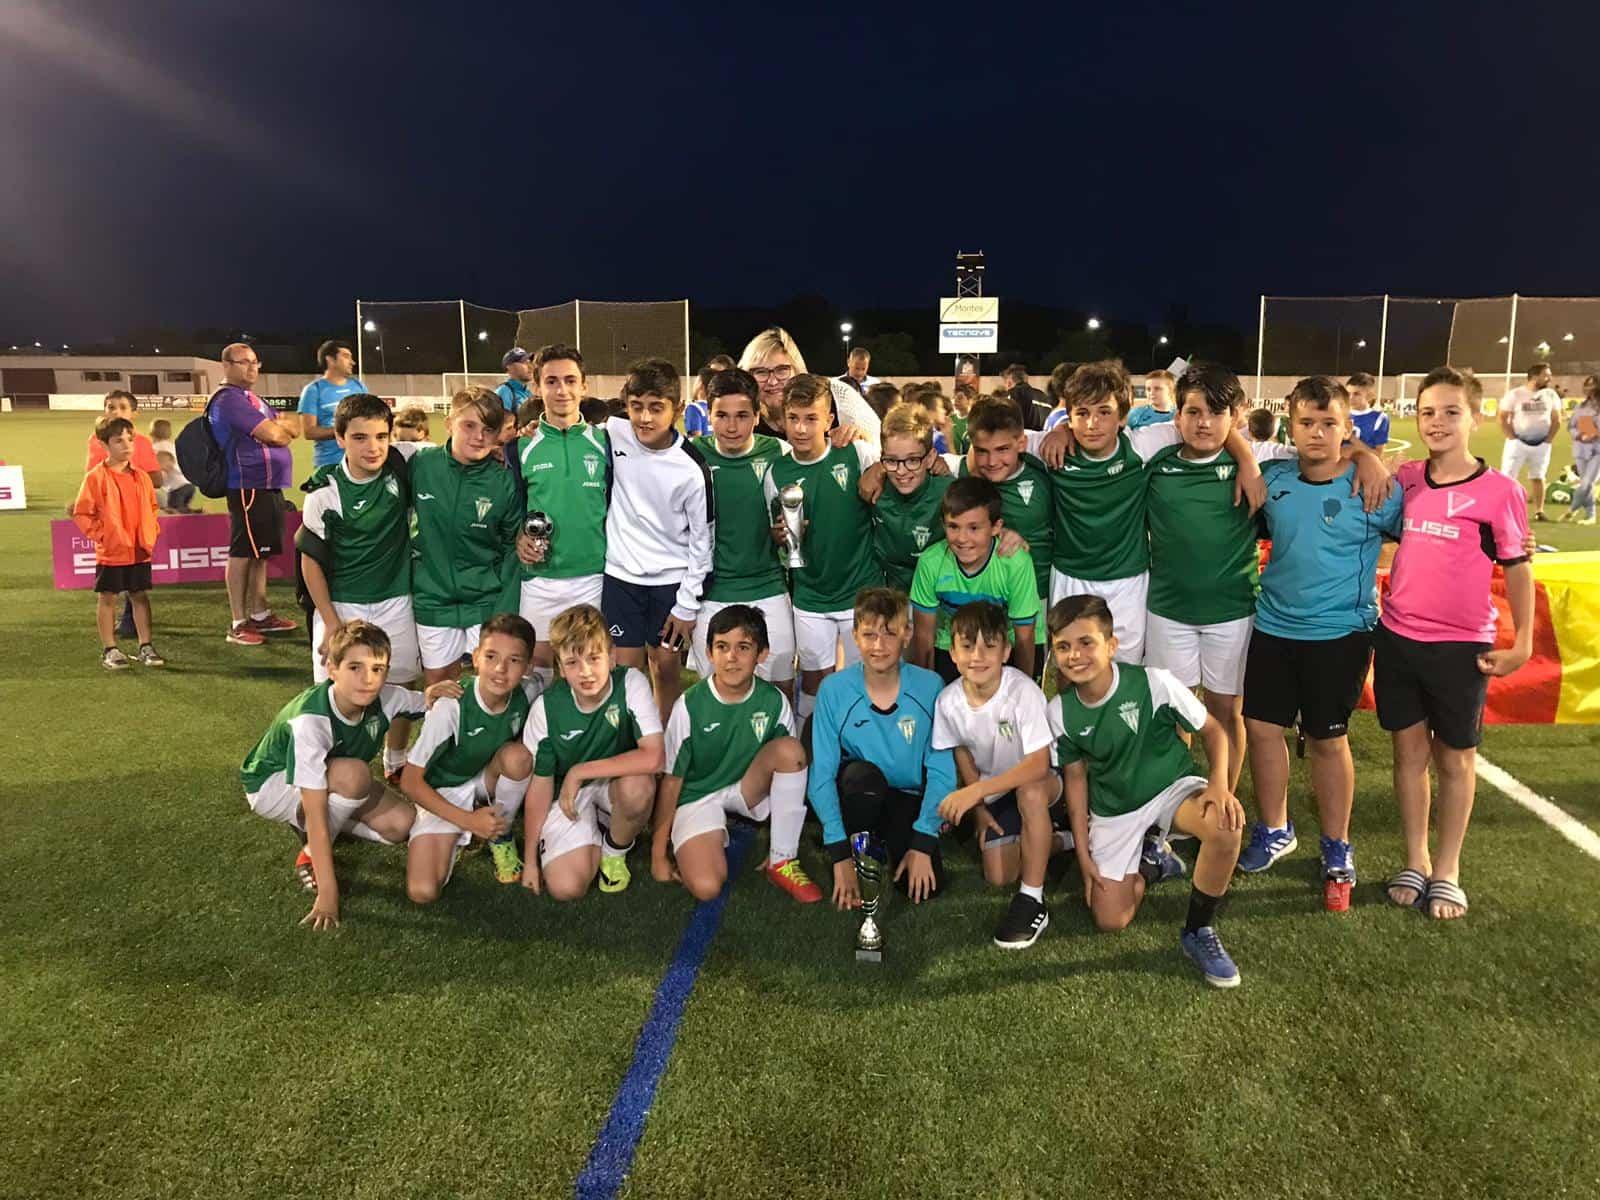 """VII Torneo futbol 8 soledad herencia 8 - Más de 300 chavales se dieron cita en el VIII Torneo de Fútbol-8 """"Virgen de la Soledad"""""""